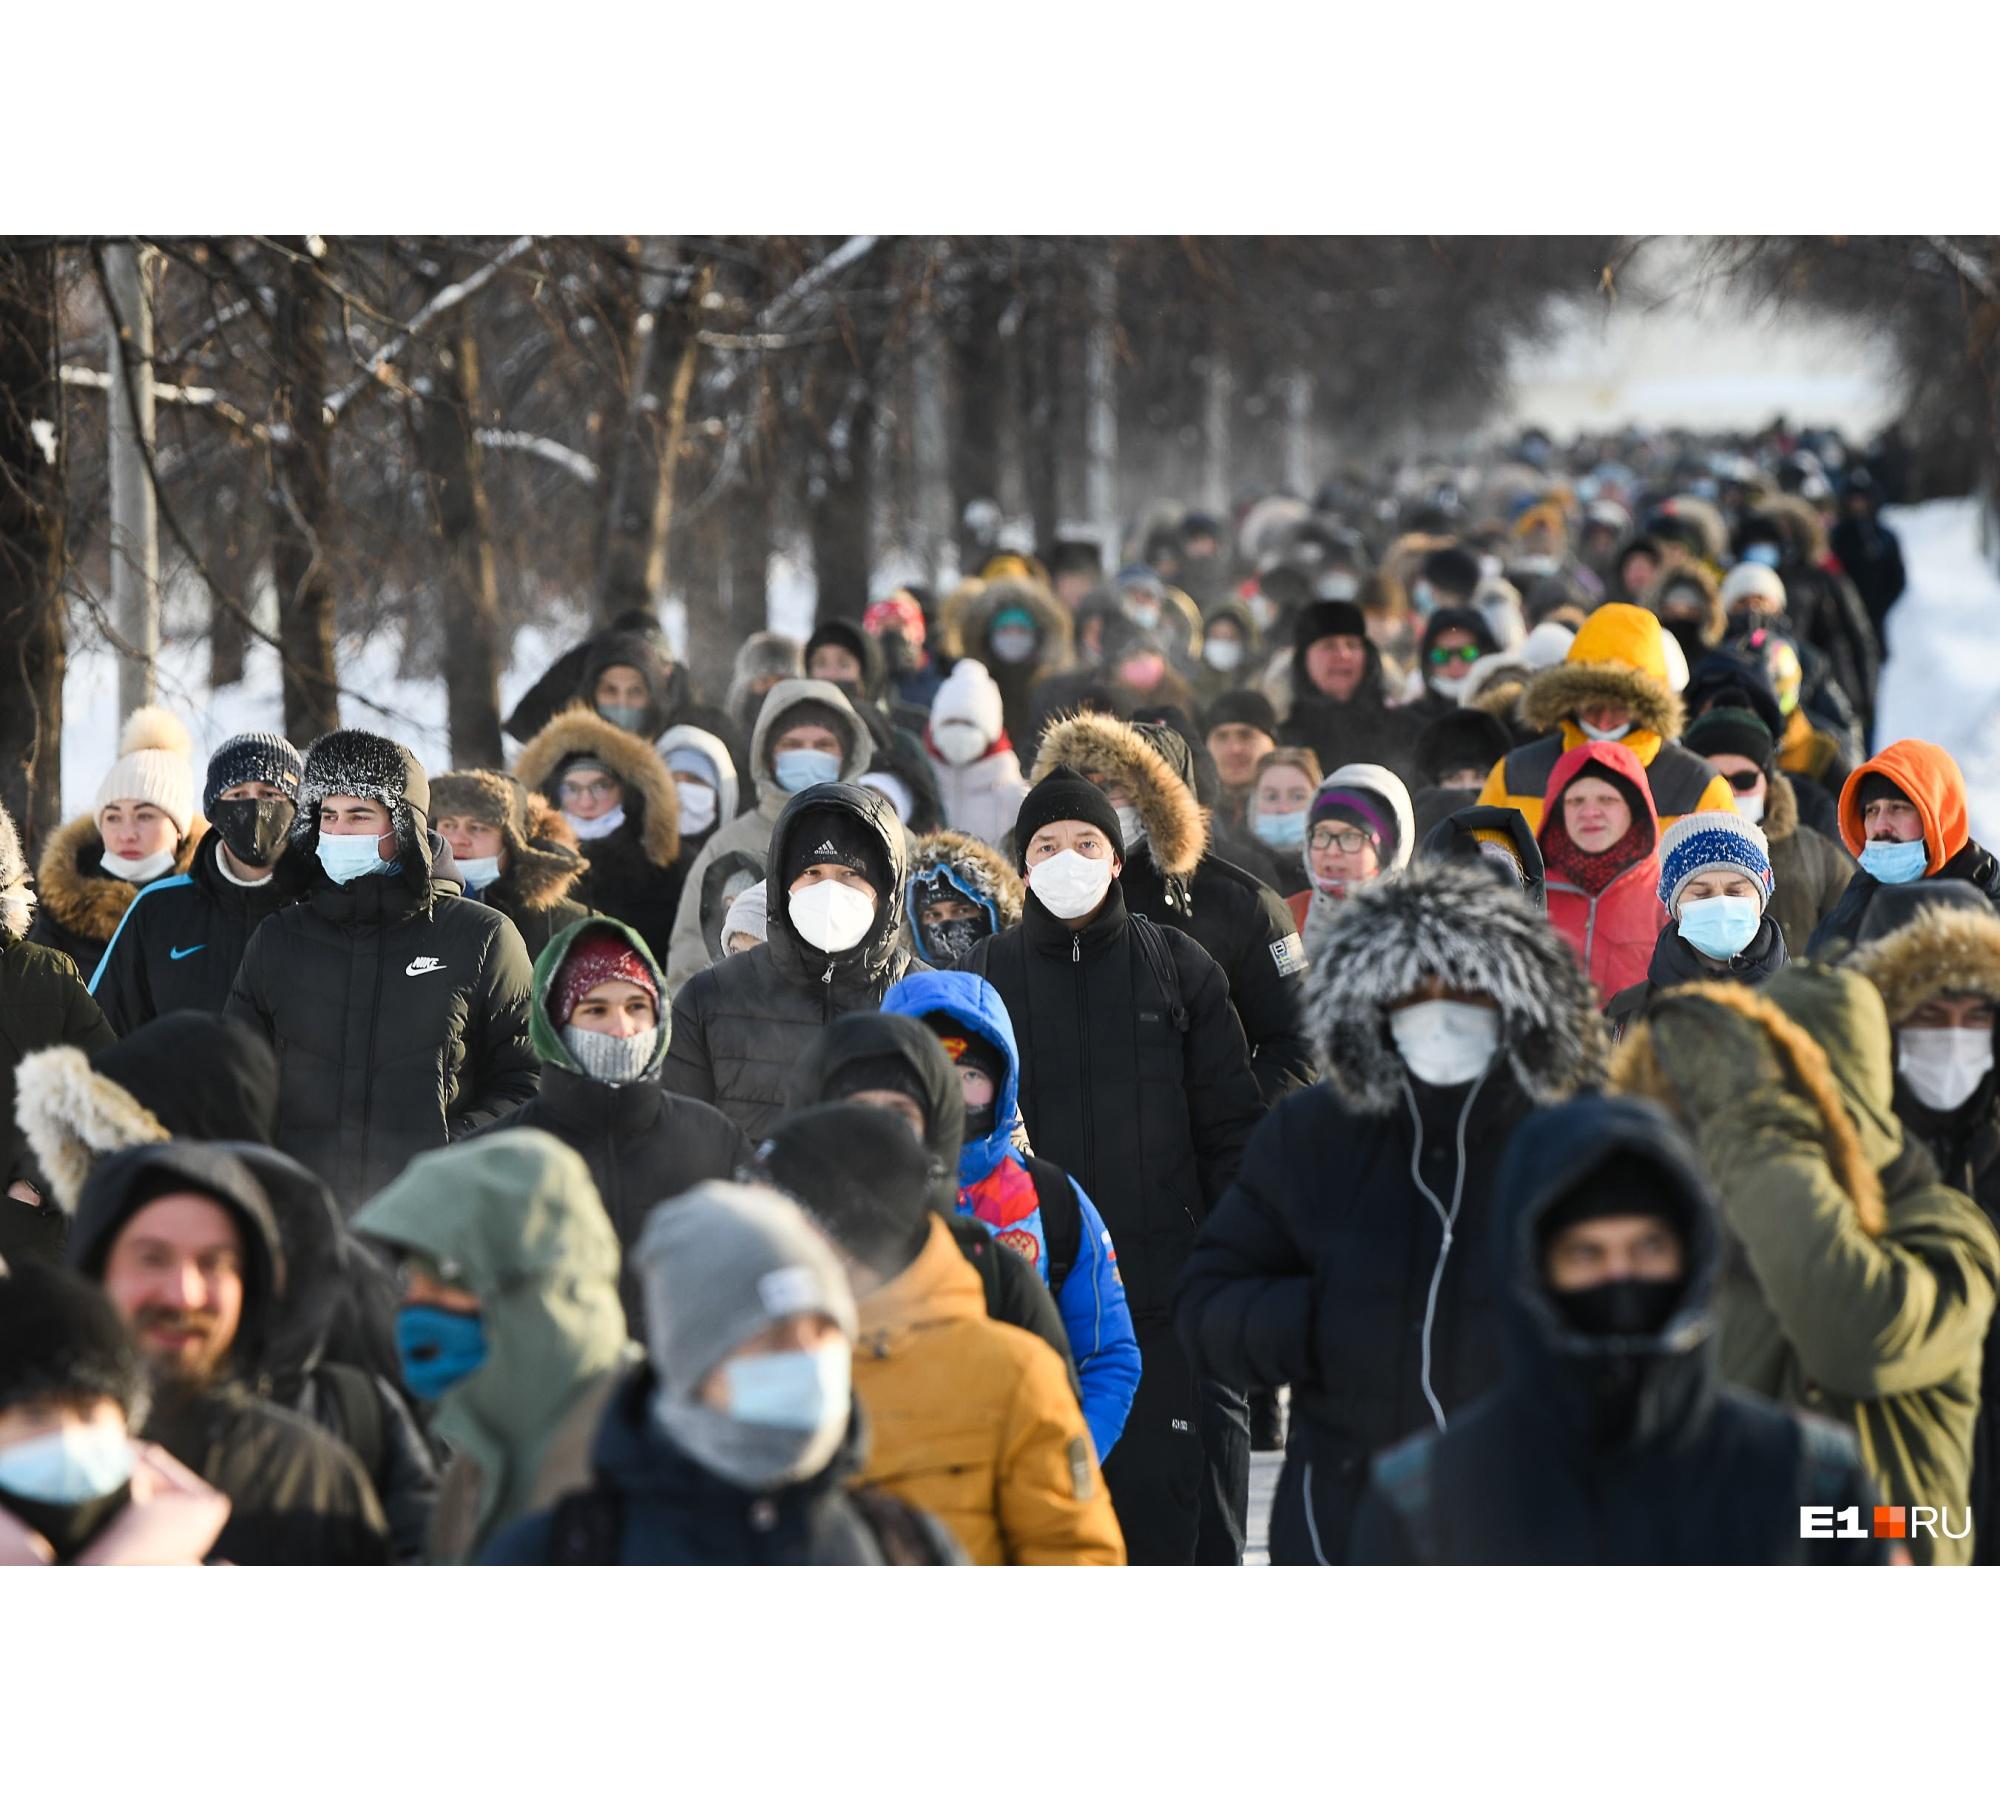 """В полиции говорят, что было <nobr class=""""_"""">3 тысячи</nobr> человек, штаб Навального — <nobr class=""""_"""">10 тысяч</nobr>, а Ройзман — <nobr class=""""_"""">15 тысяч</nobr>&nbsp;"""